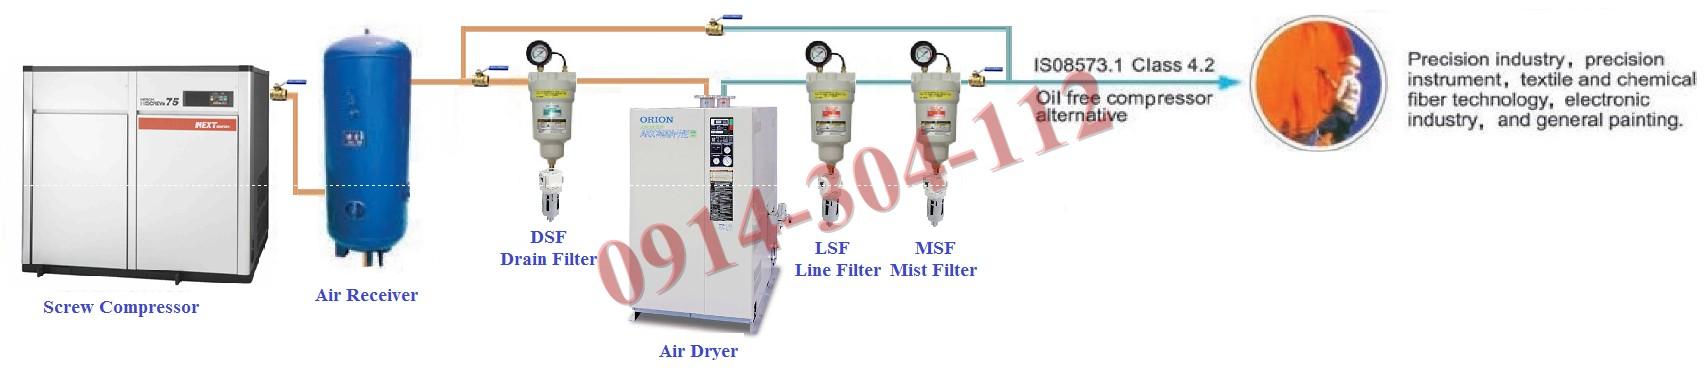 Tài liệu hướng dẫn và sơ đồ lắp đặt hệ thống máy nén khí, bình chứa khí nén, máy sấy khí, bộ lọc khí